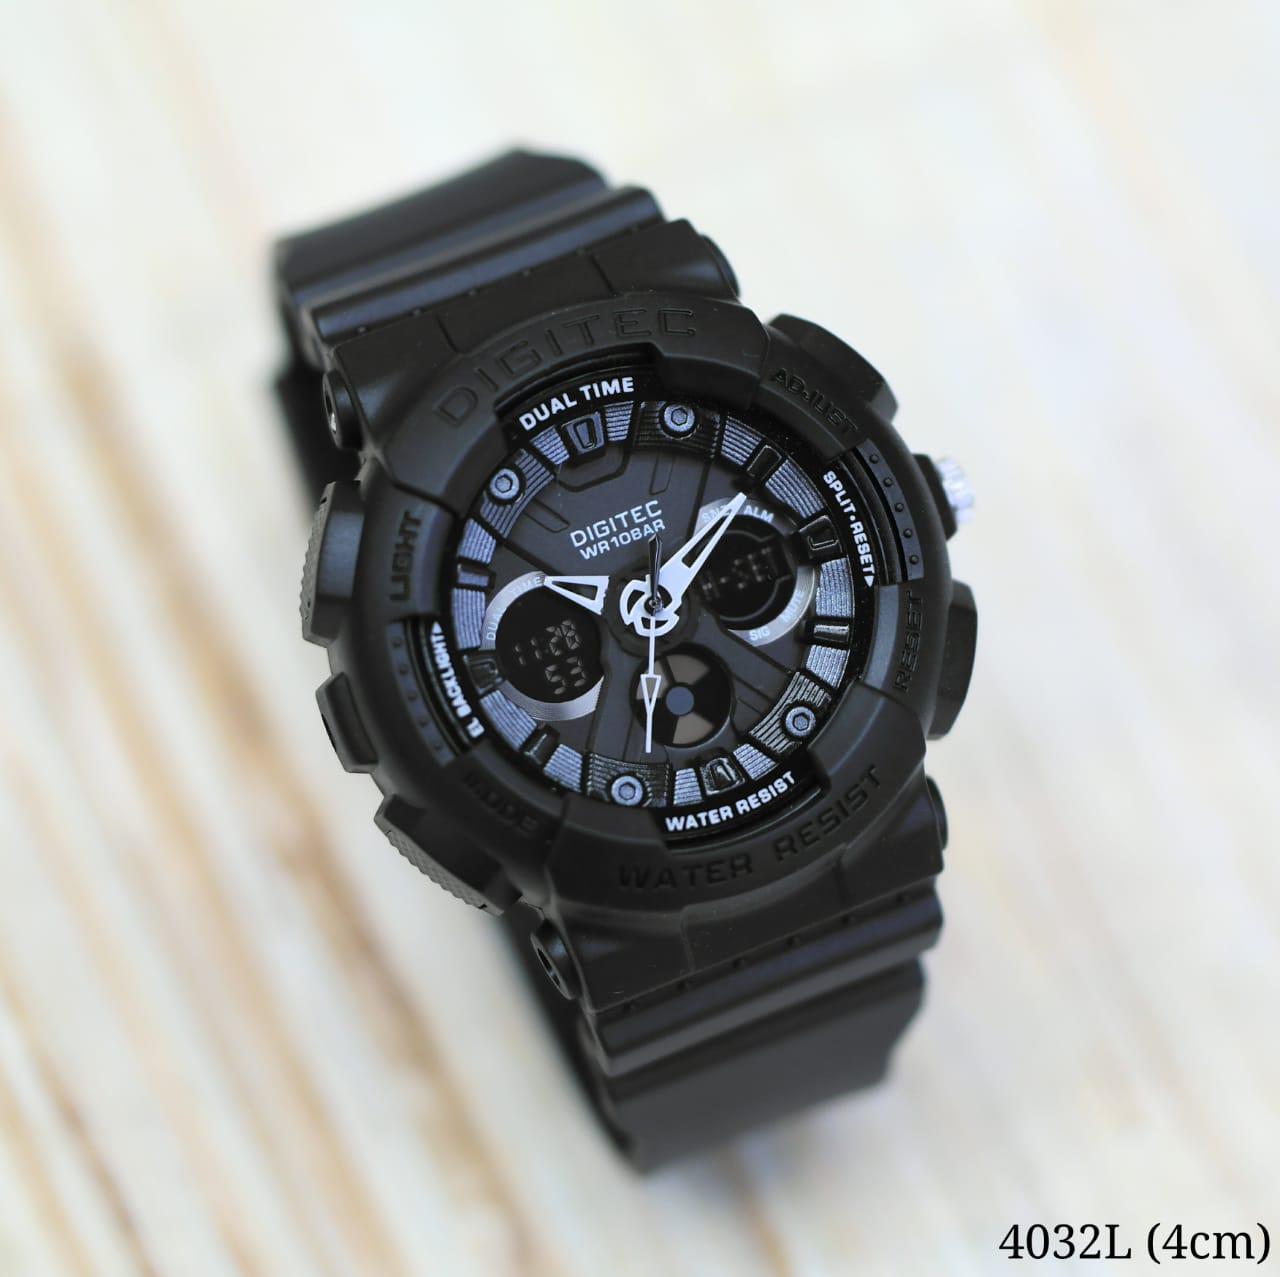 Jam Tangan Pria DIGITEC Dual Time ORIGINAL - Jam tangan Mewah Hight Quality Fitur Analog dan Digital Strap Rubber Nyaman digunakan - BEST SELLER-BRAND MEWAH TERNAMA -  Lengkap dengan BOX  - D7734